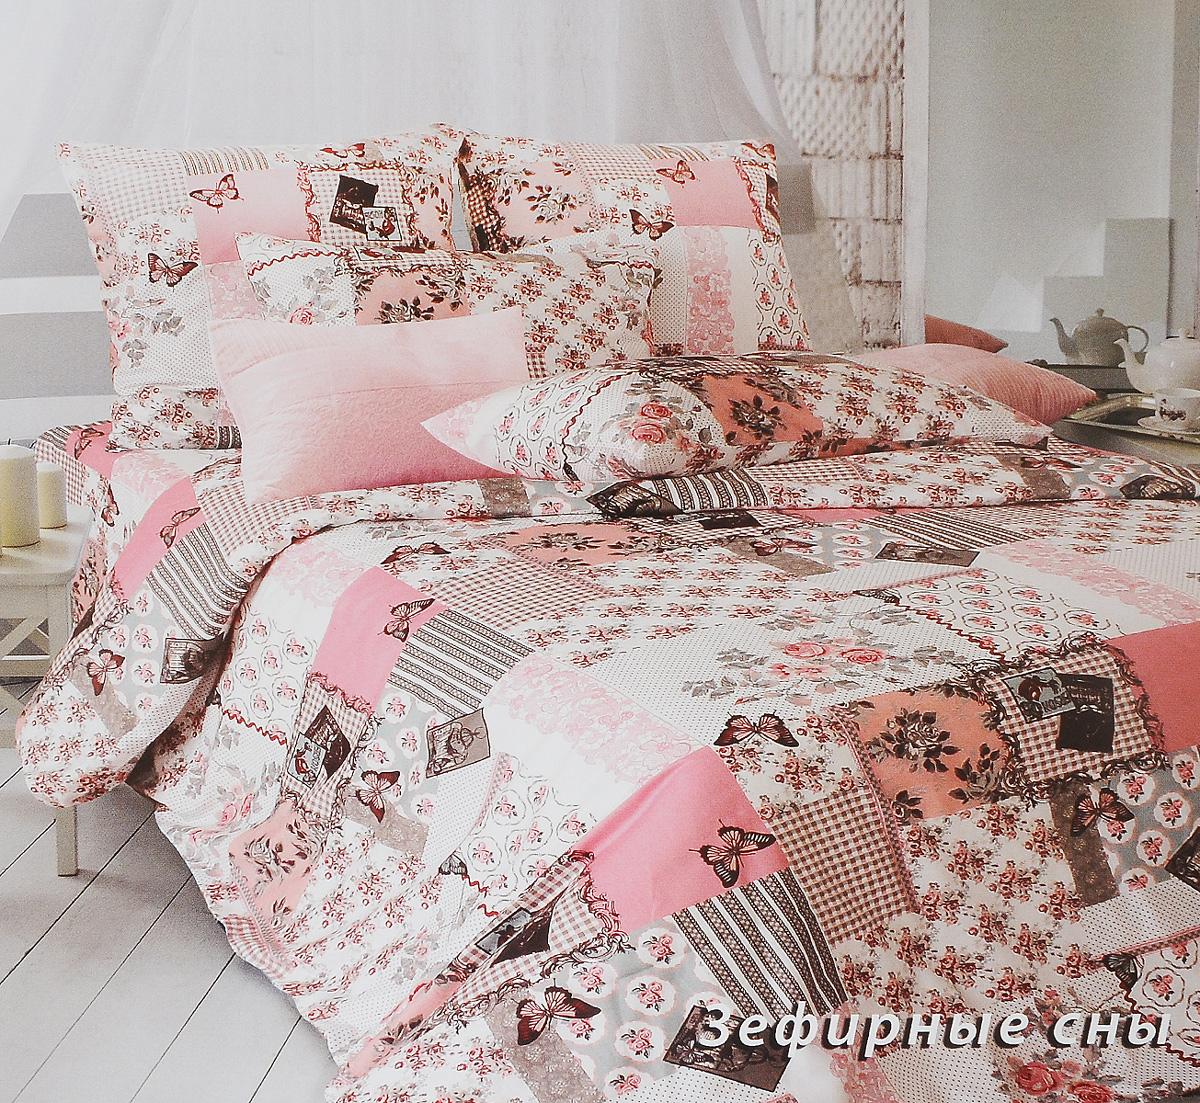 """Комплект белья Tiffany's Secret """"Зефирные сны"""", евро, наволочки 50х70, цвет: розовый, белый, темно-коричневый"""